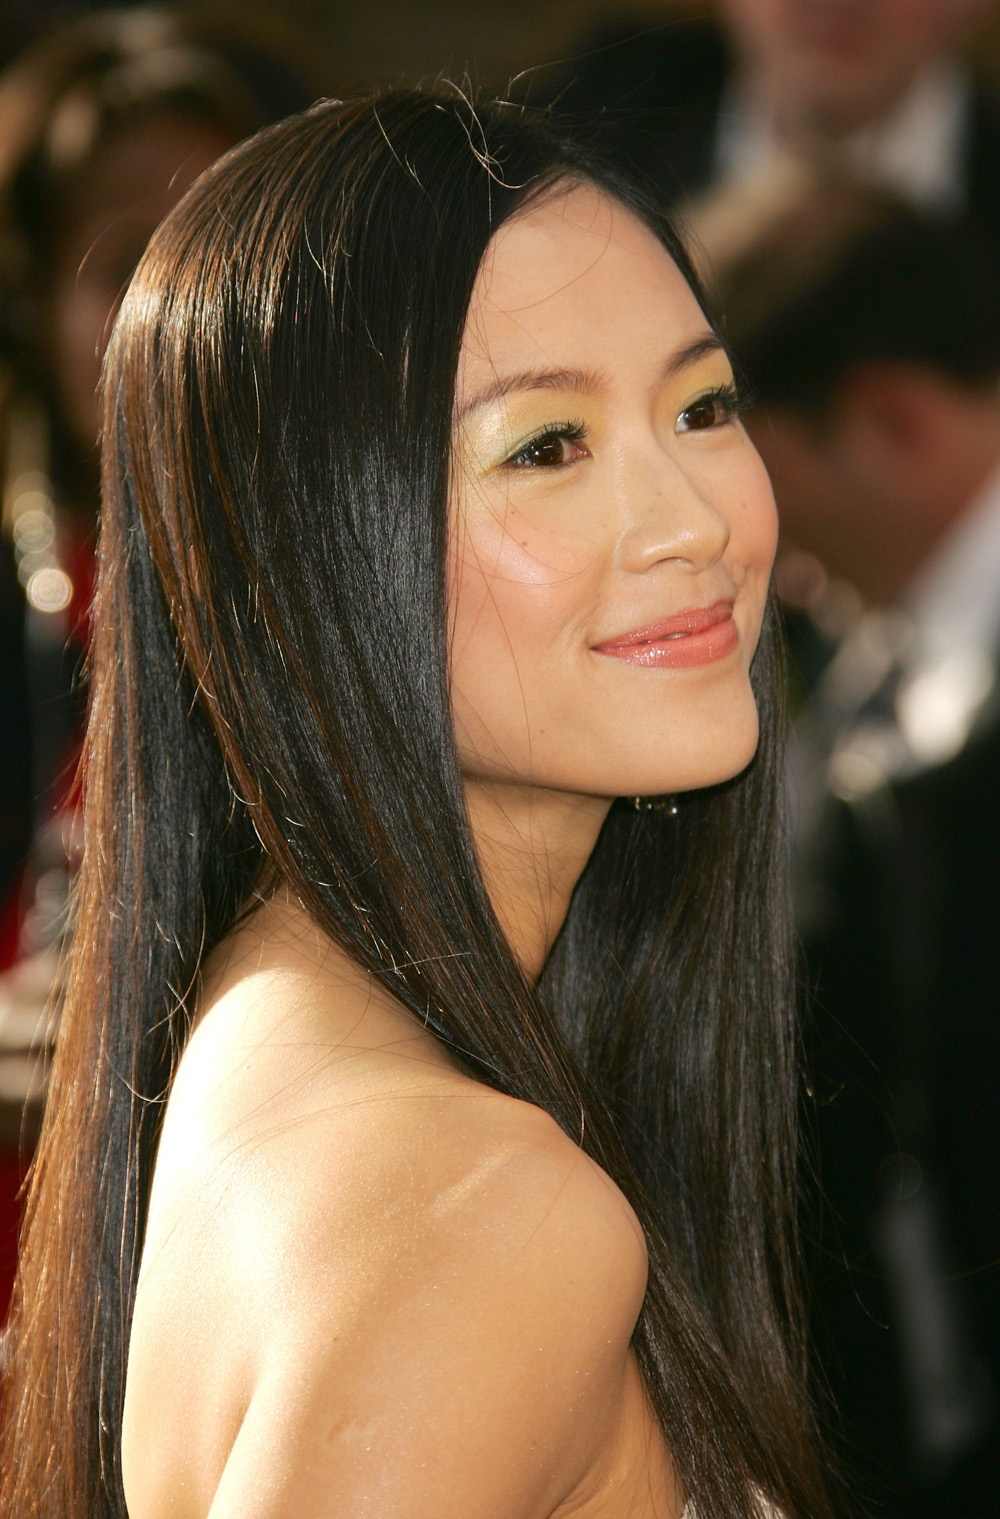 ... hadirkan foto foto sexy para model dan artis dari hongkong anda suks